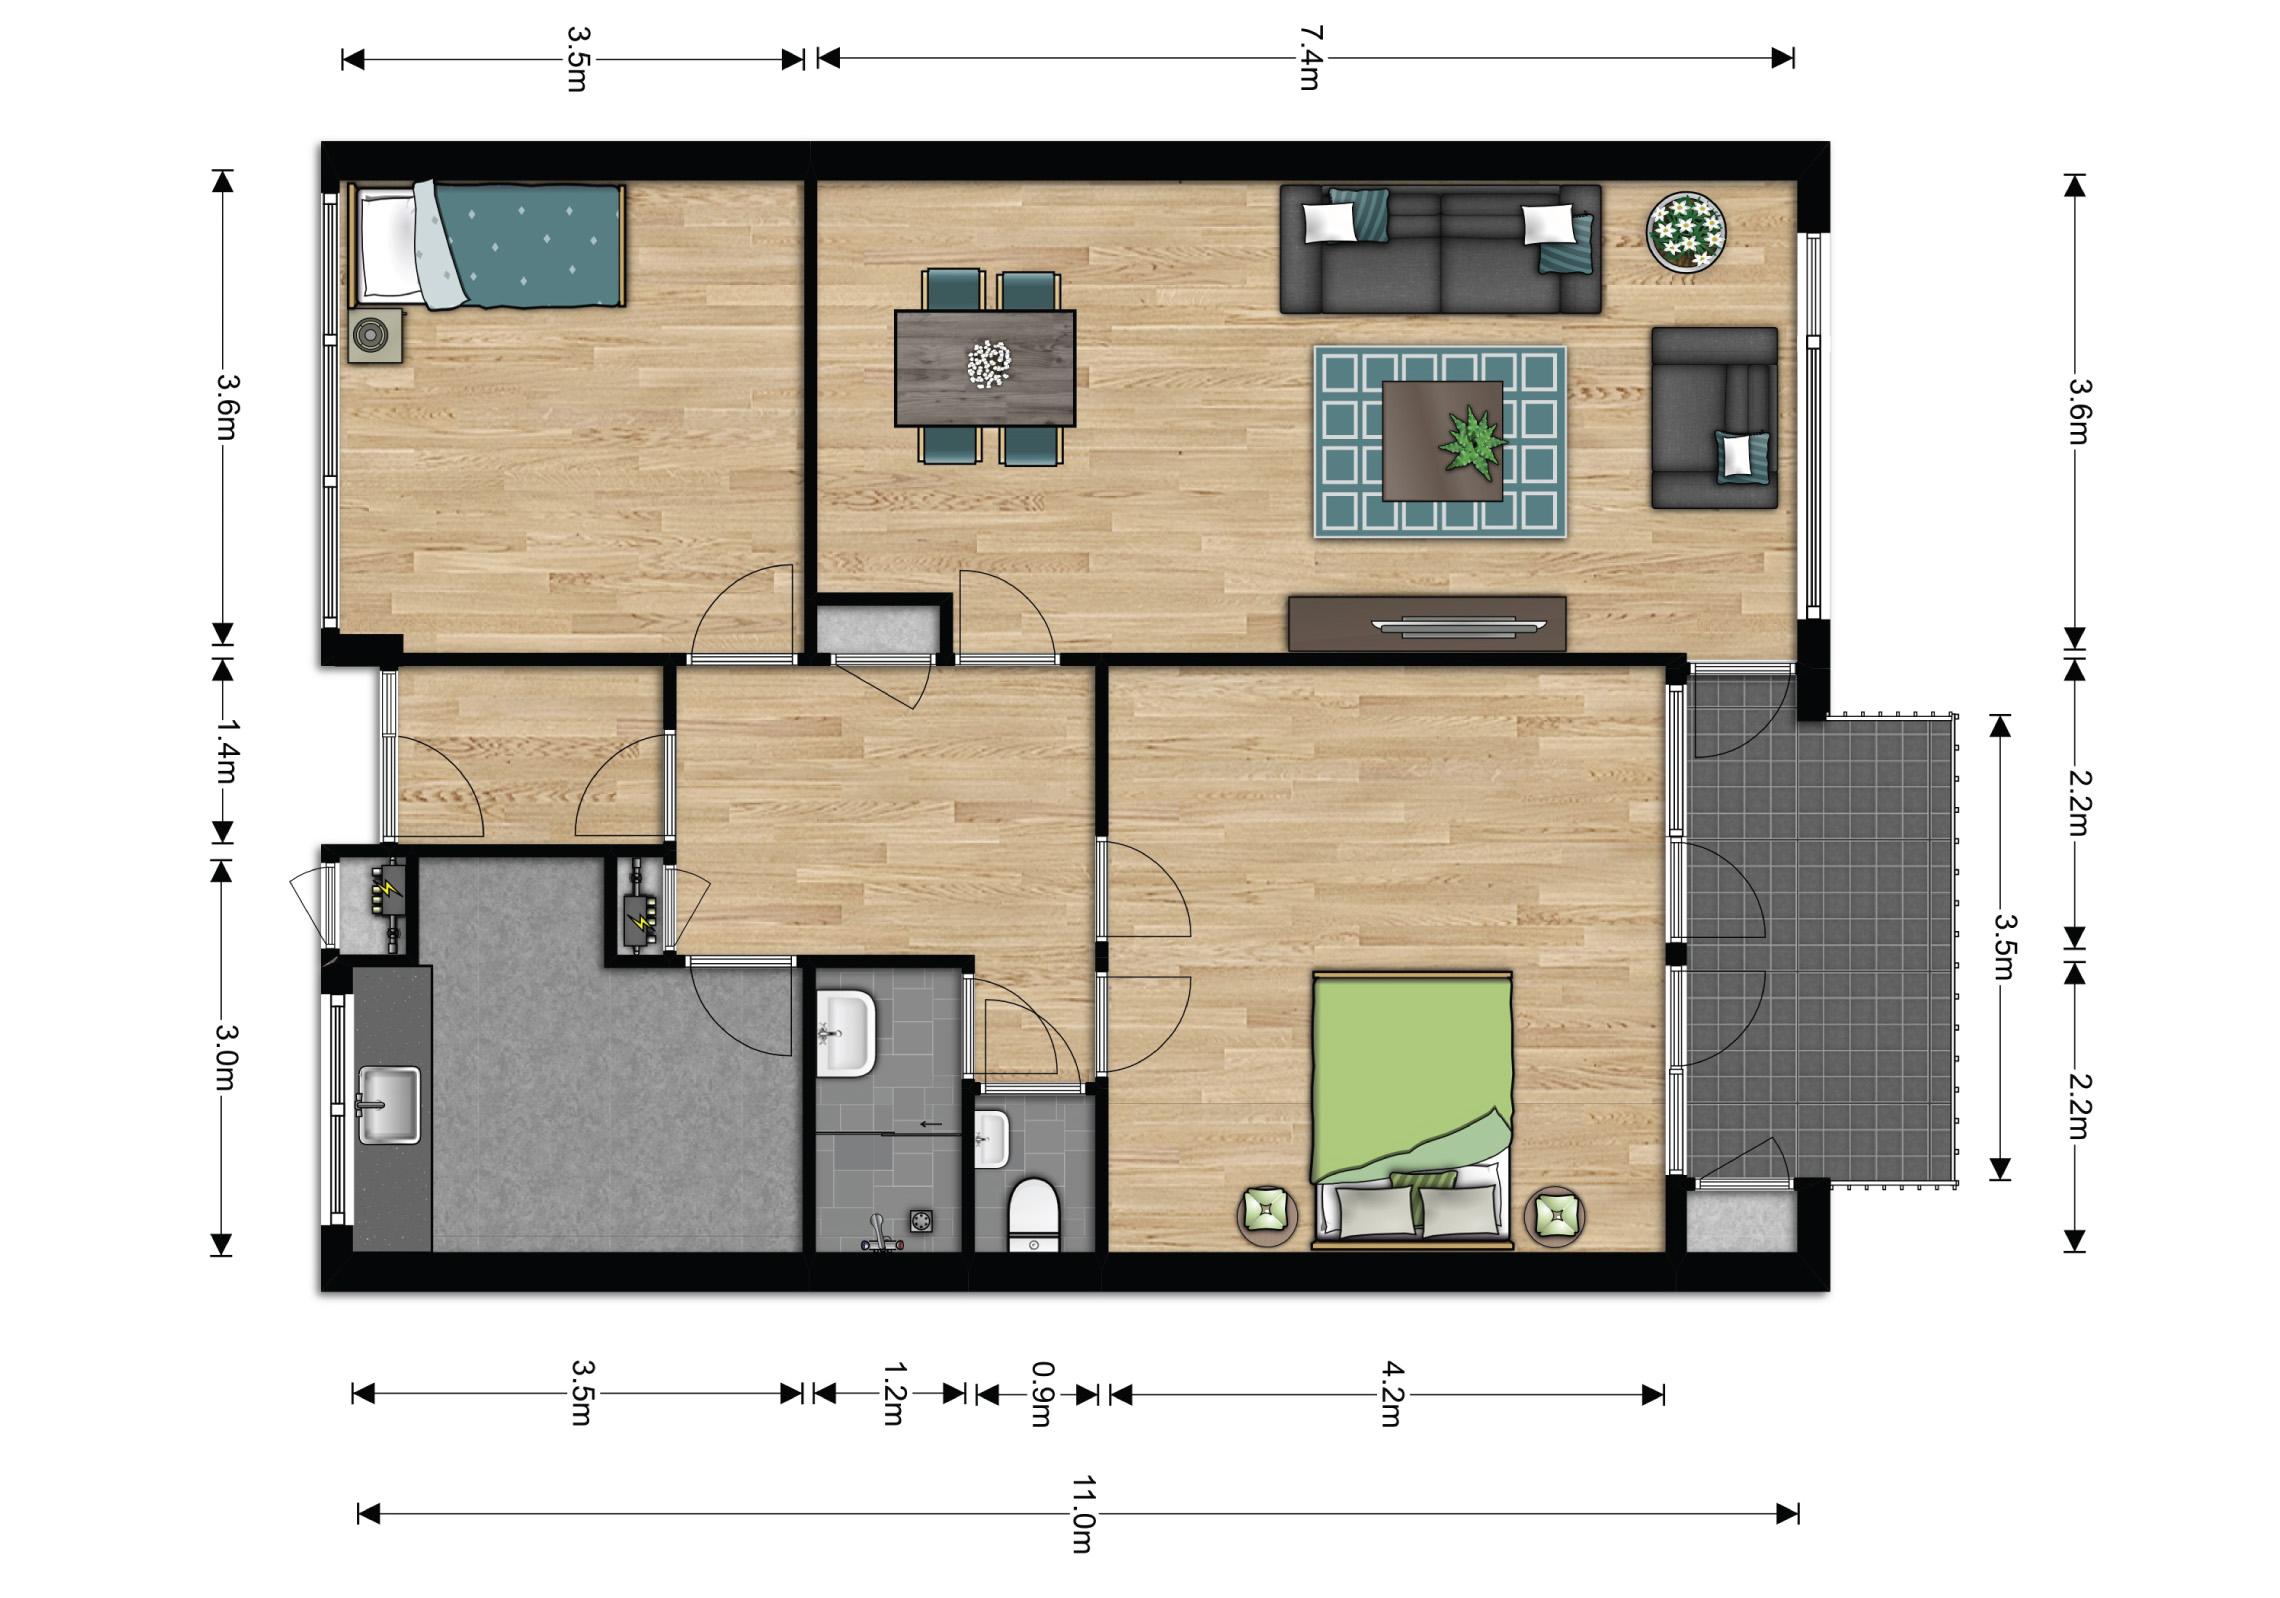 3 Kamer appartement - Huren in Elst